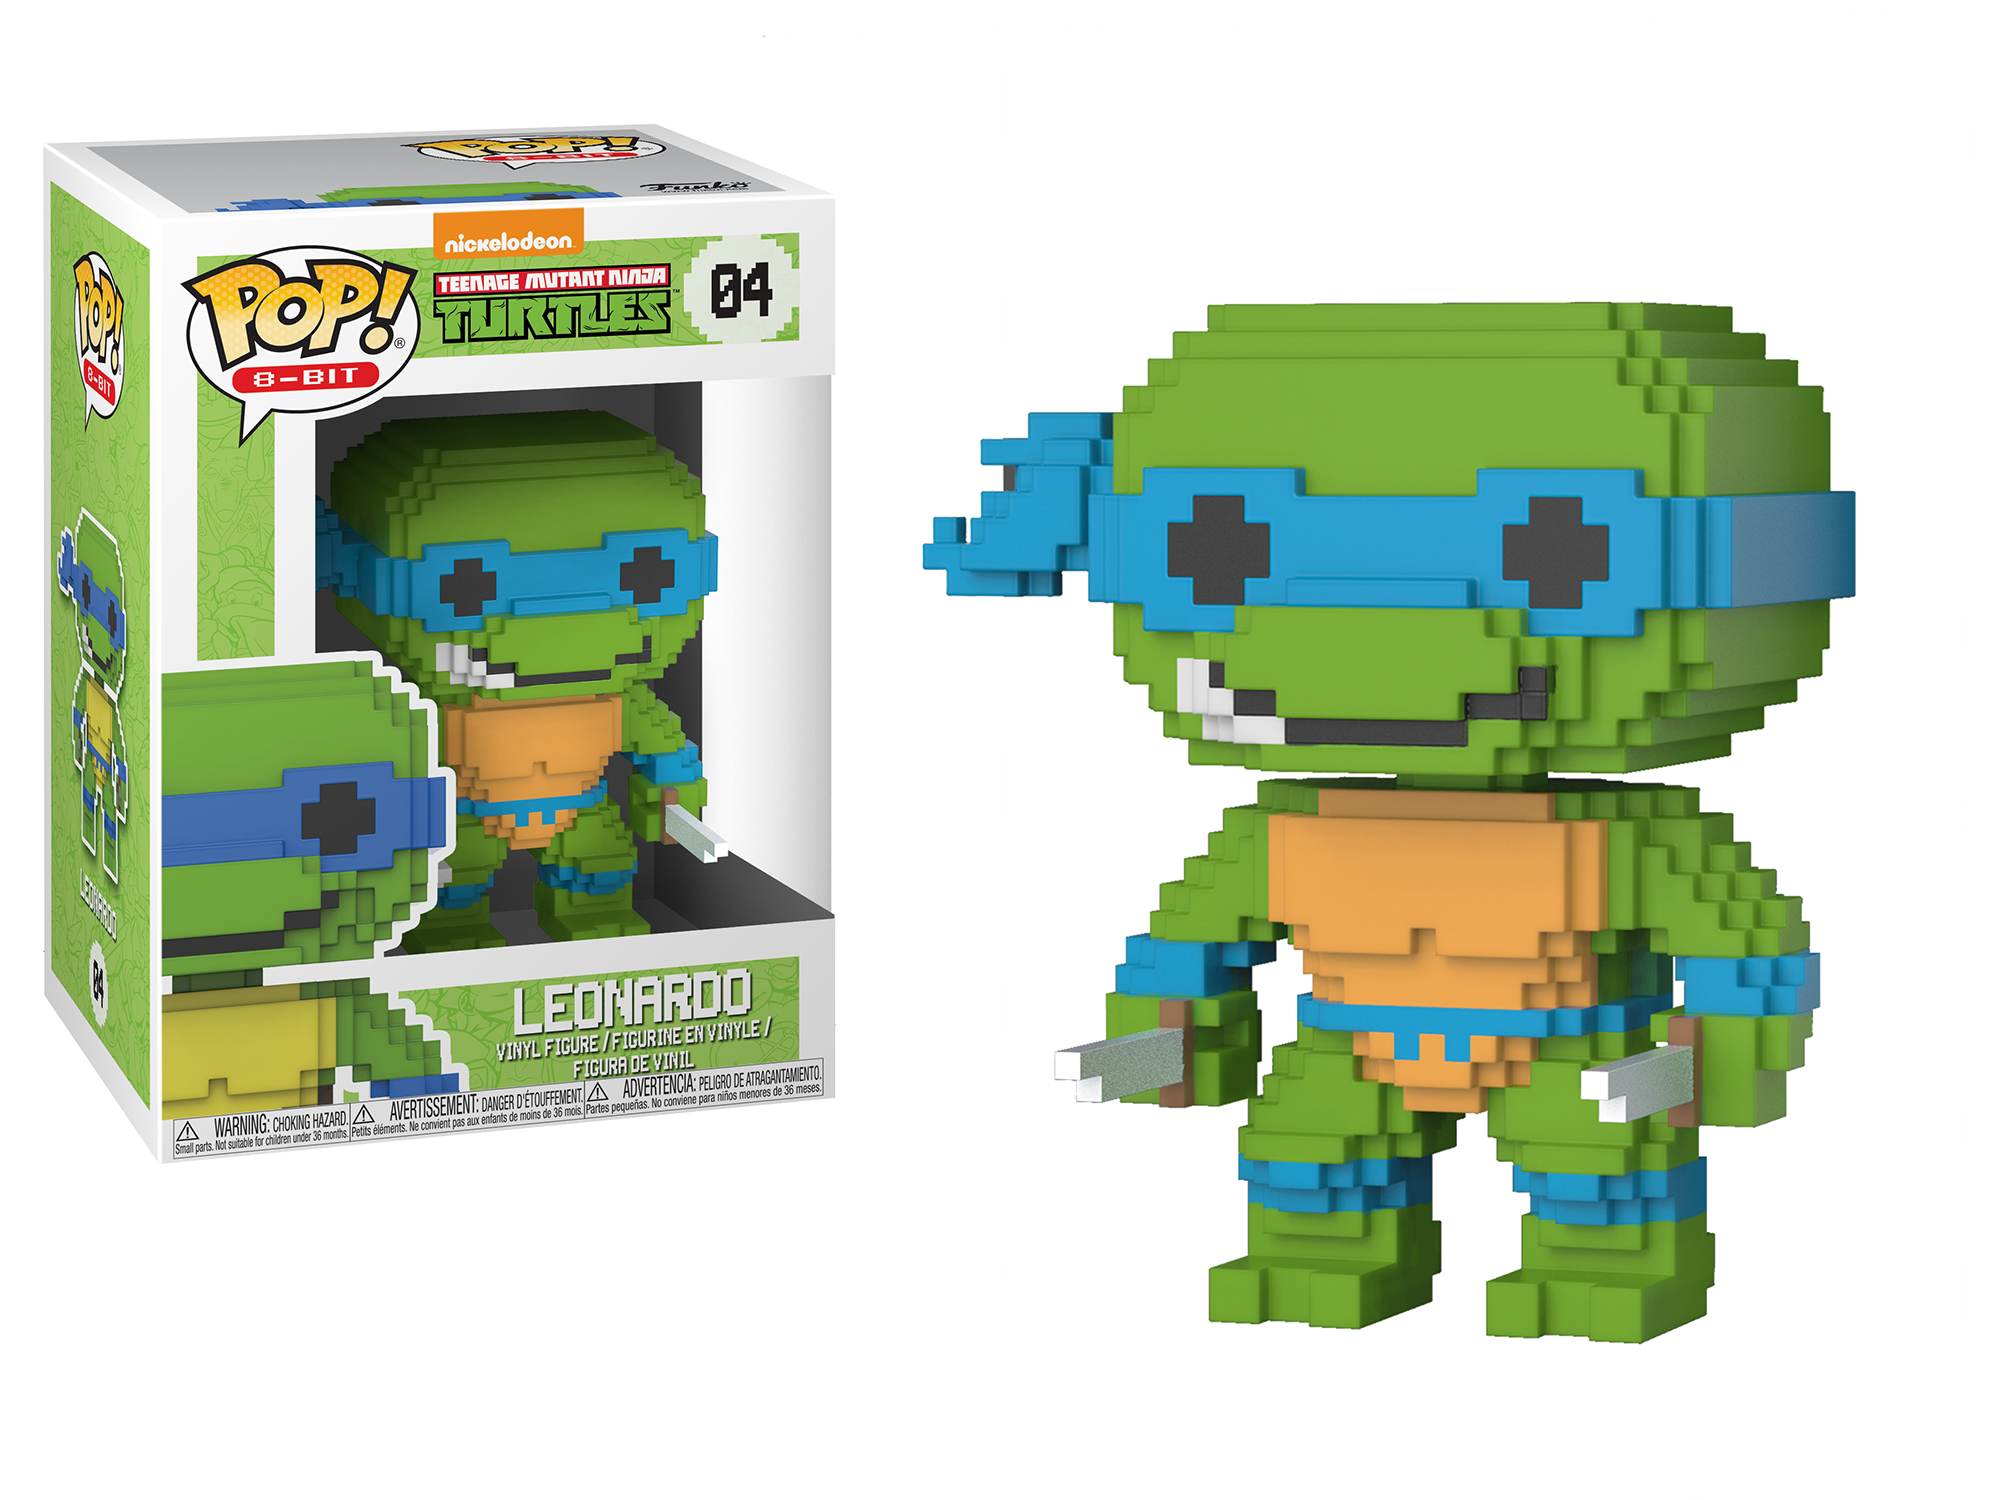 Funko Pop 8-Bit: Teenage Mutant Ninja Turtles - Leonardo